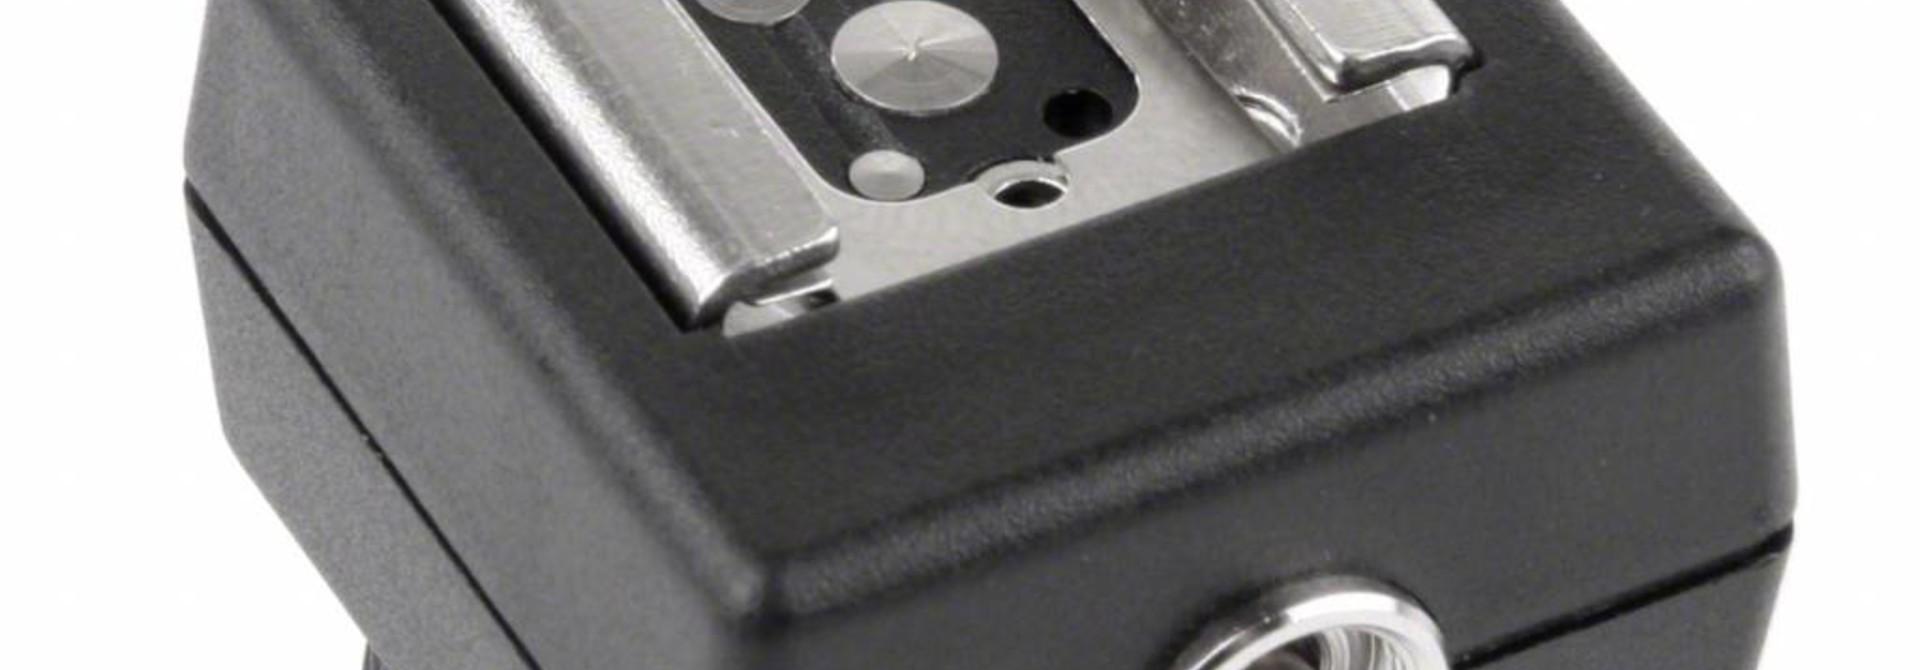 Blitzschuh für Canon mit E-TTL Funktion